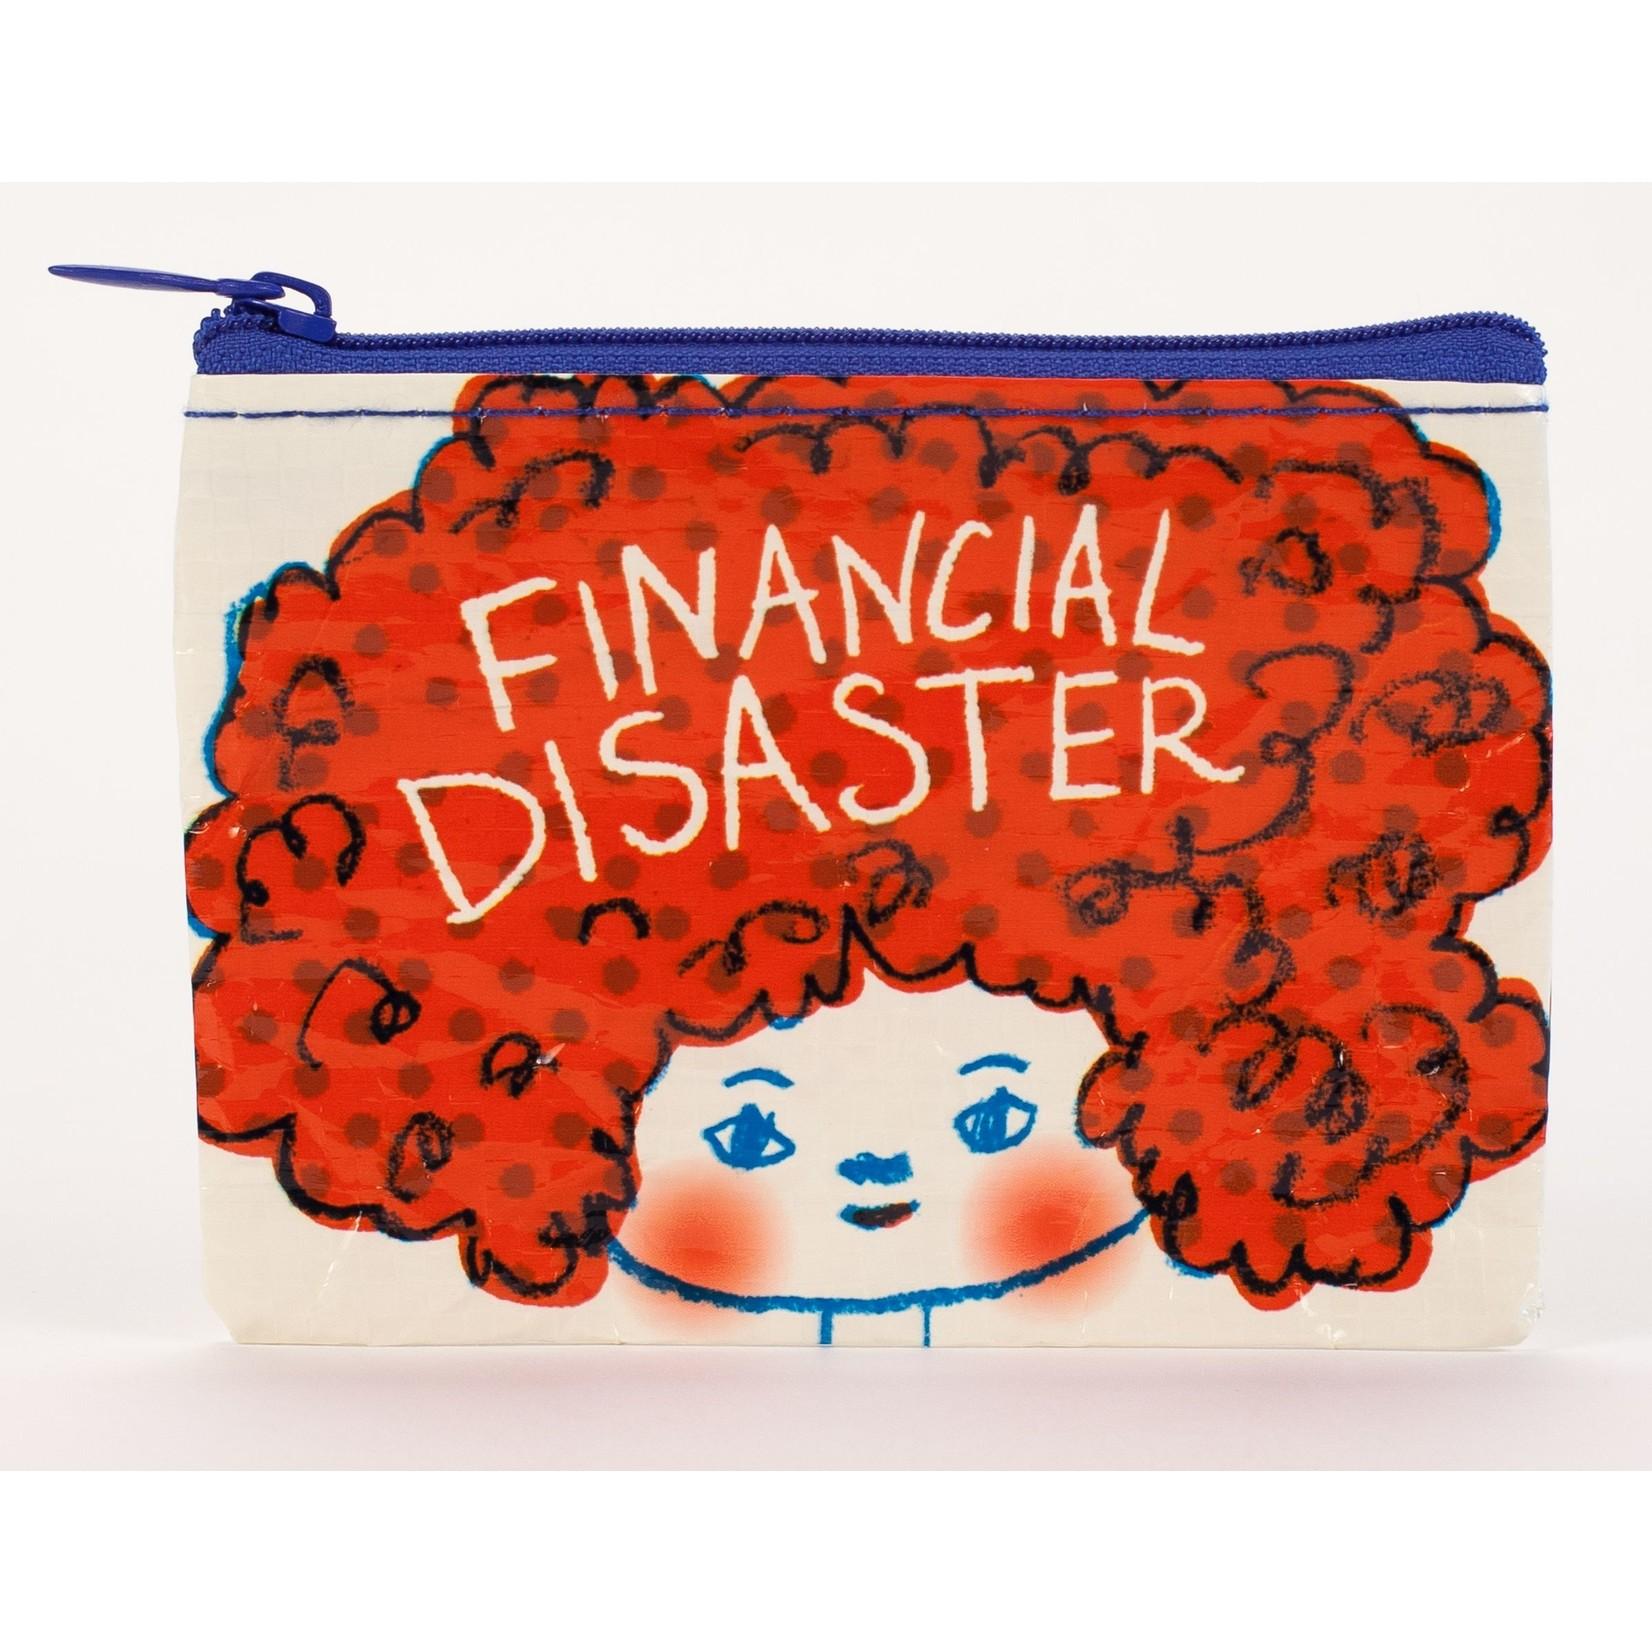 Blue Q Financial Disaster Coin Purse